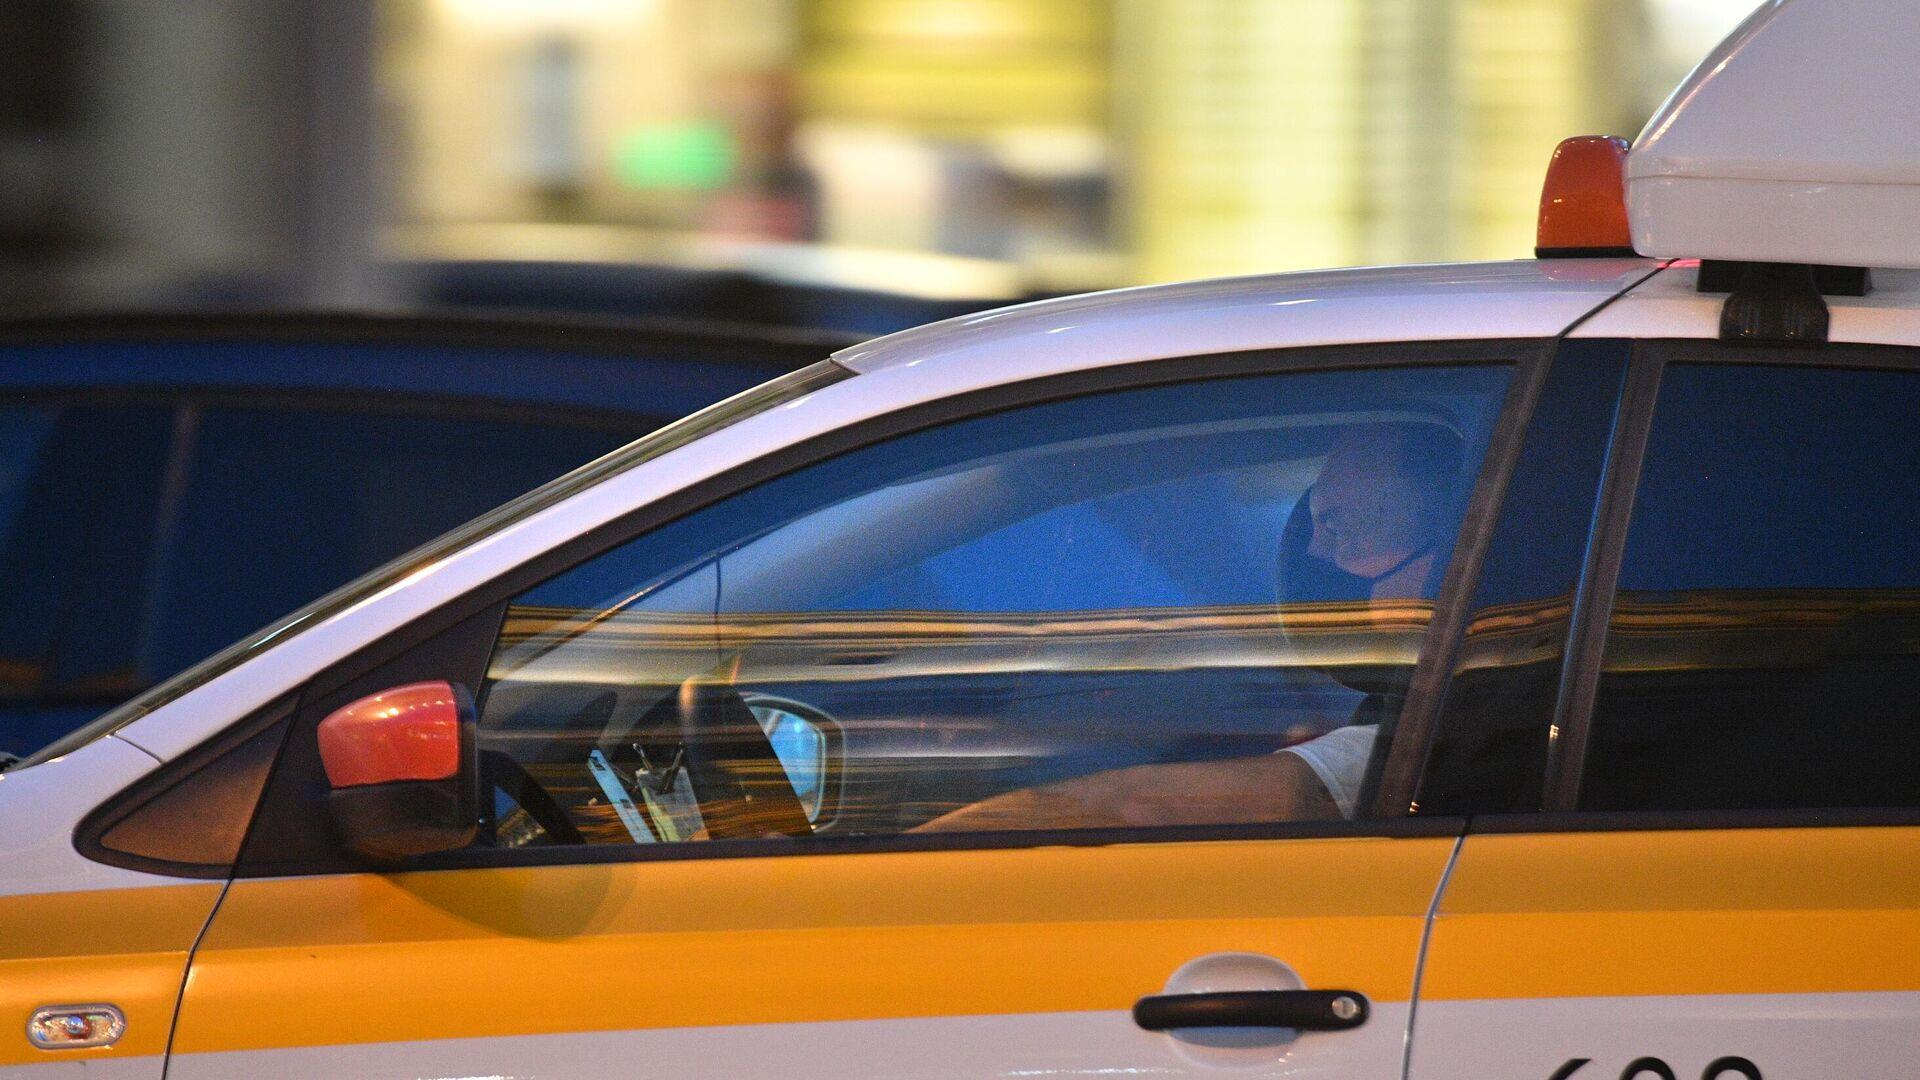 Водитель в защитной маске в автомобиле Яндекс такси на Тверской улице - РИА Новости, 1920, 02.06.2021